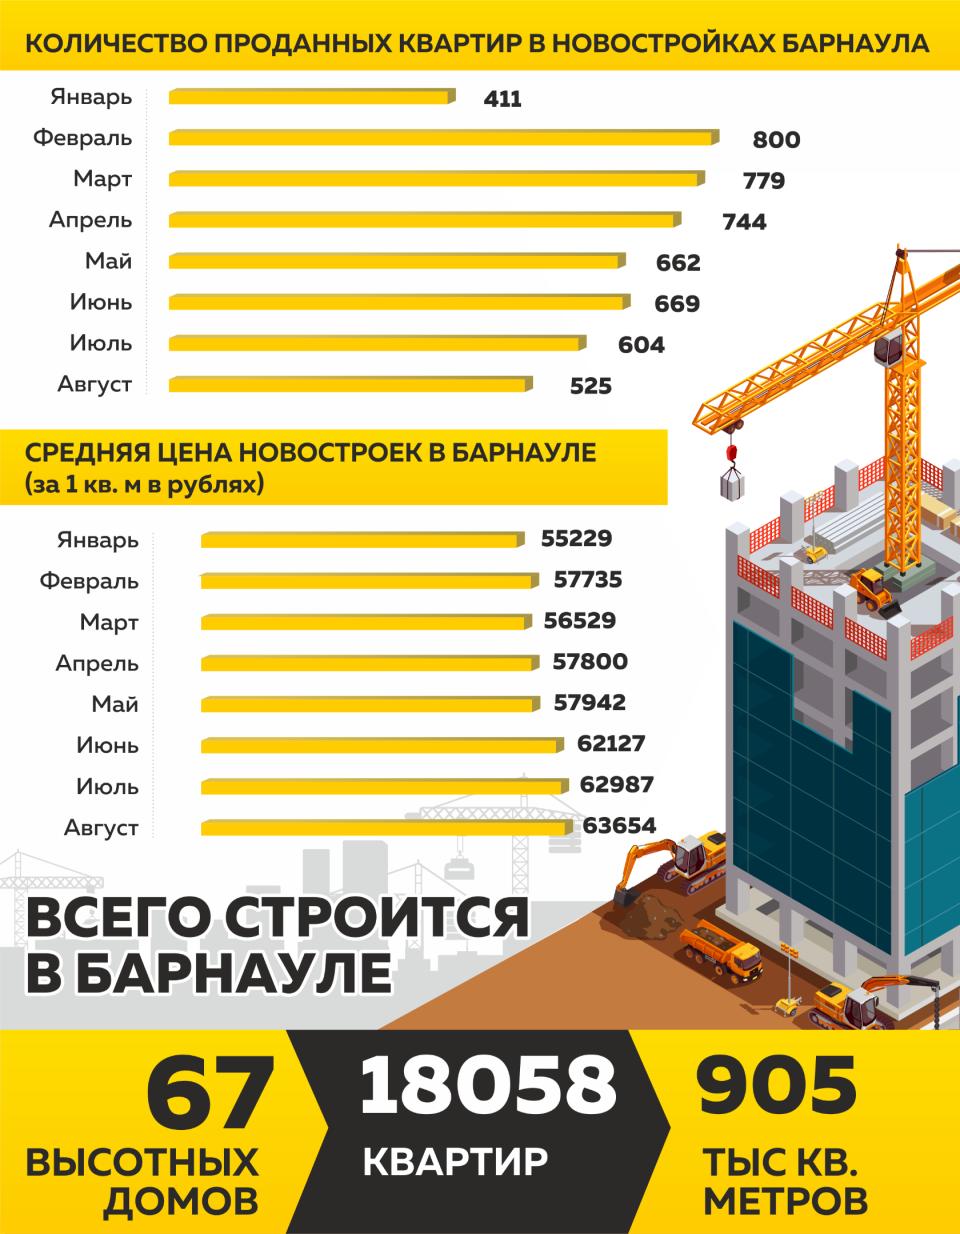 Динамика рынка новостроек в Барнауле в 2021 году по данным Дом.рф